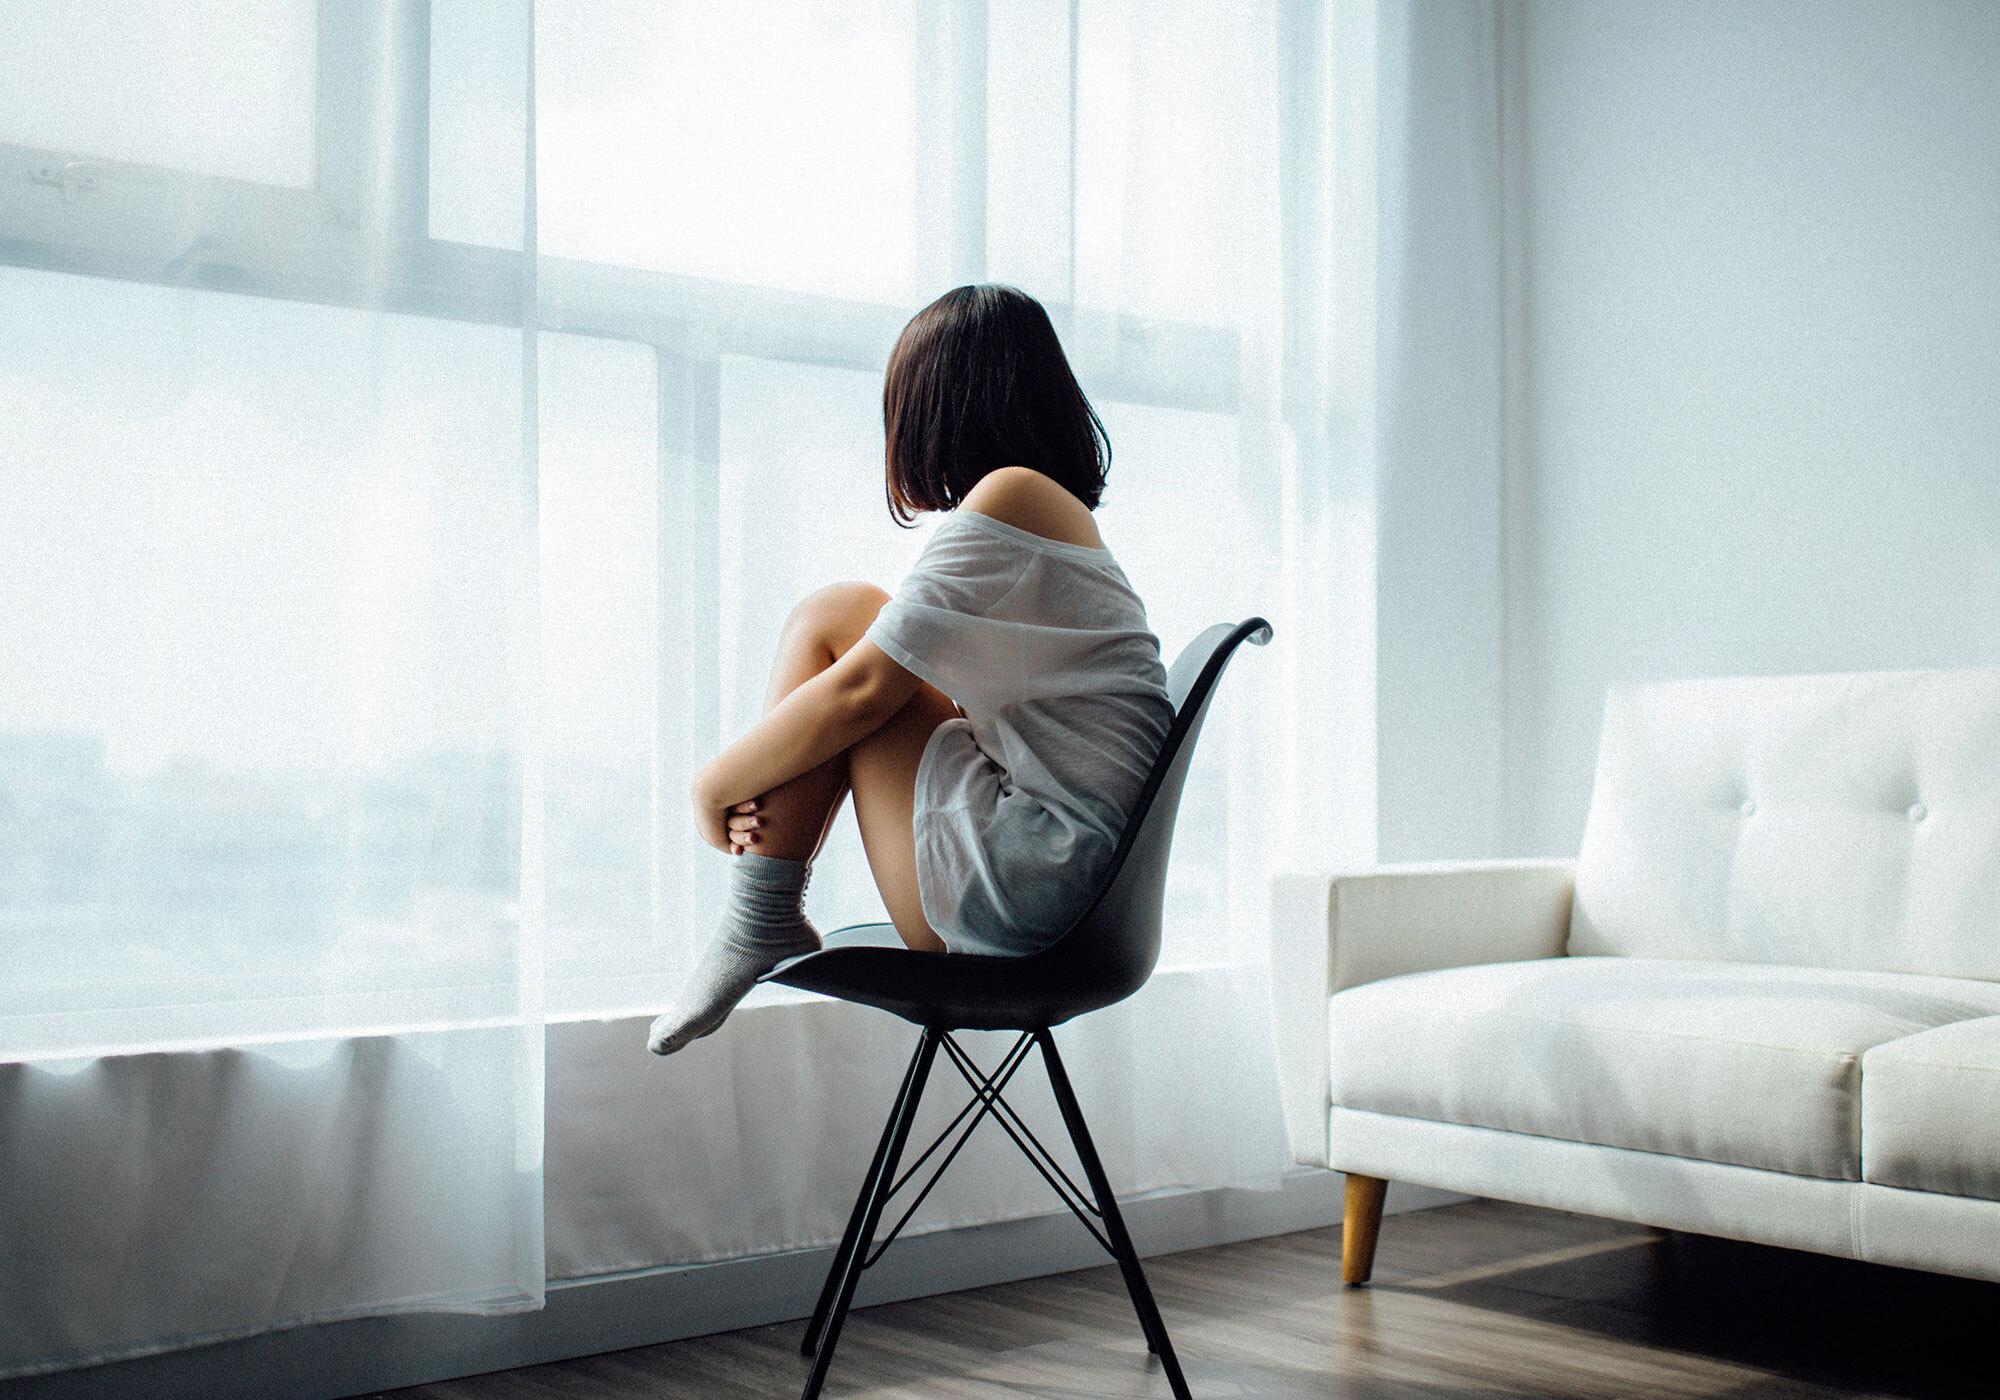 Исследователи выяснили, что мудрые люди реже страдают от одиночества